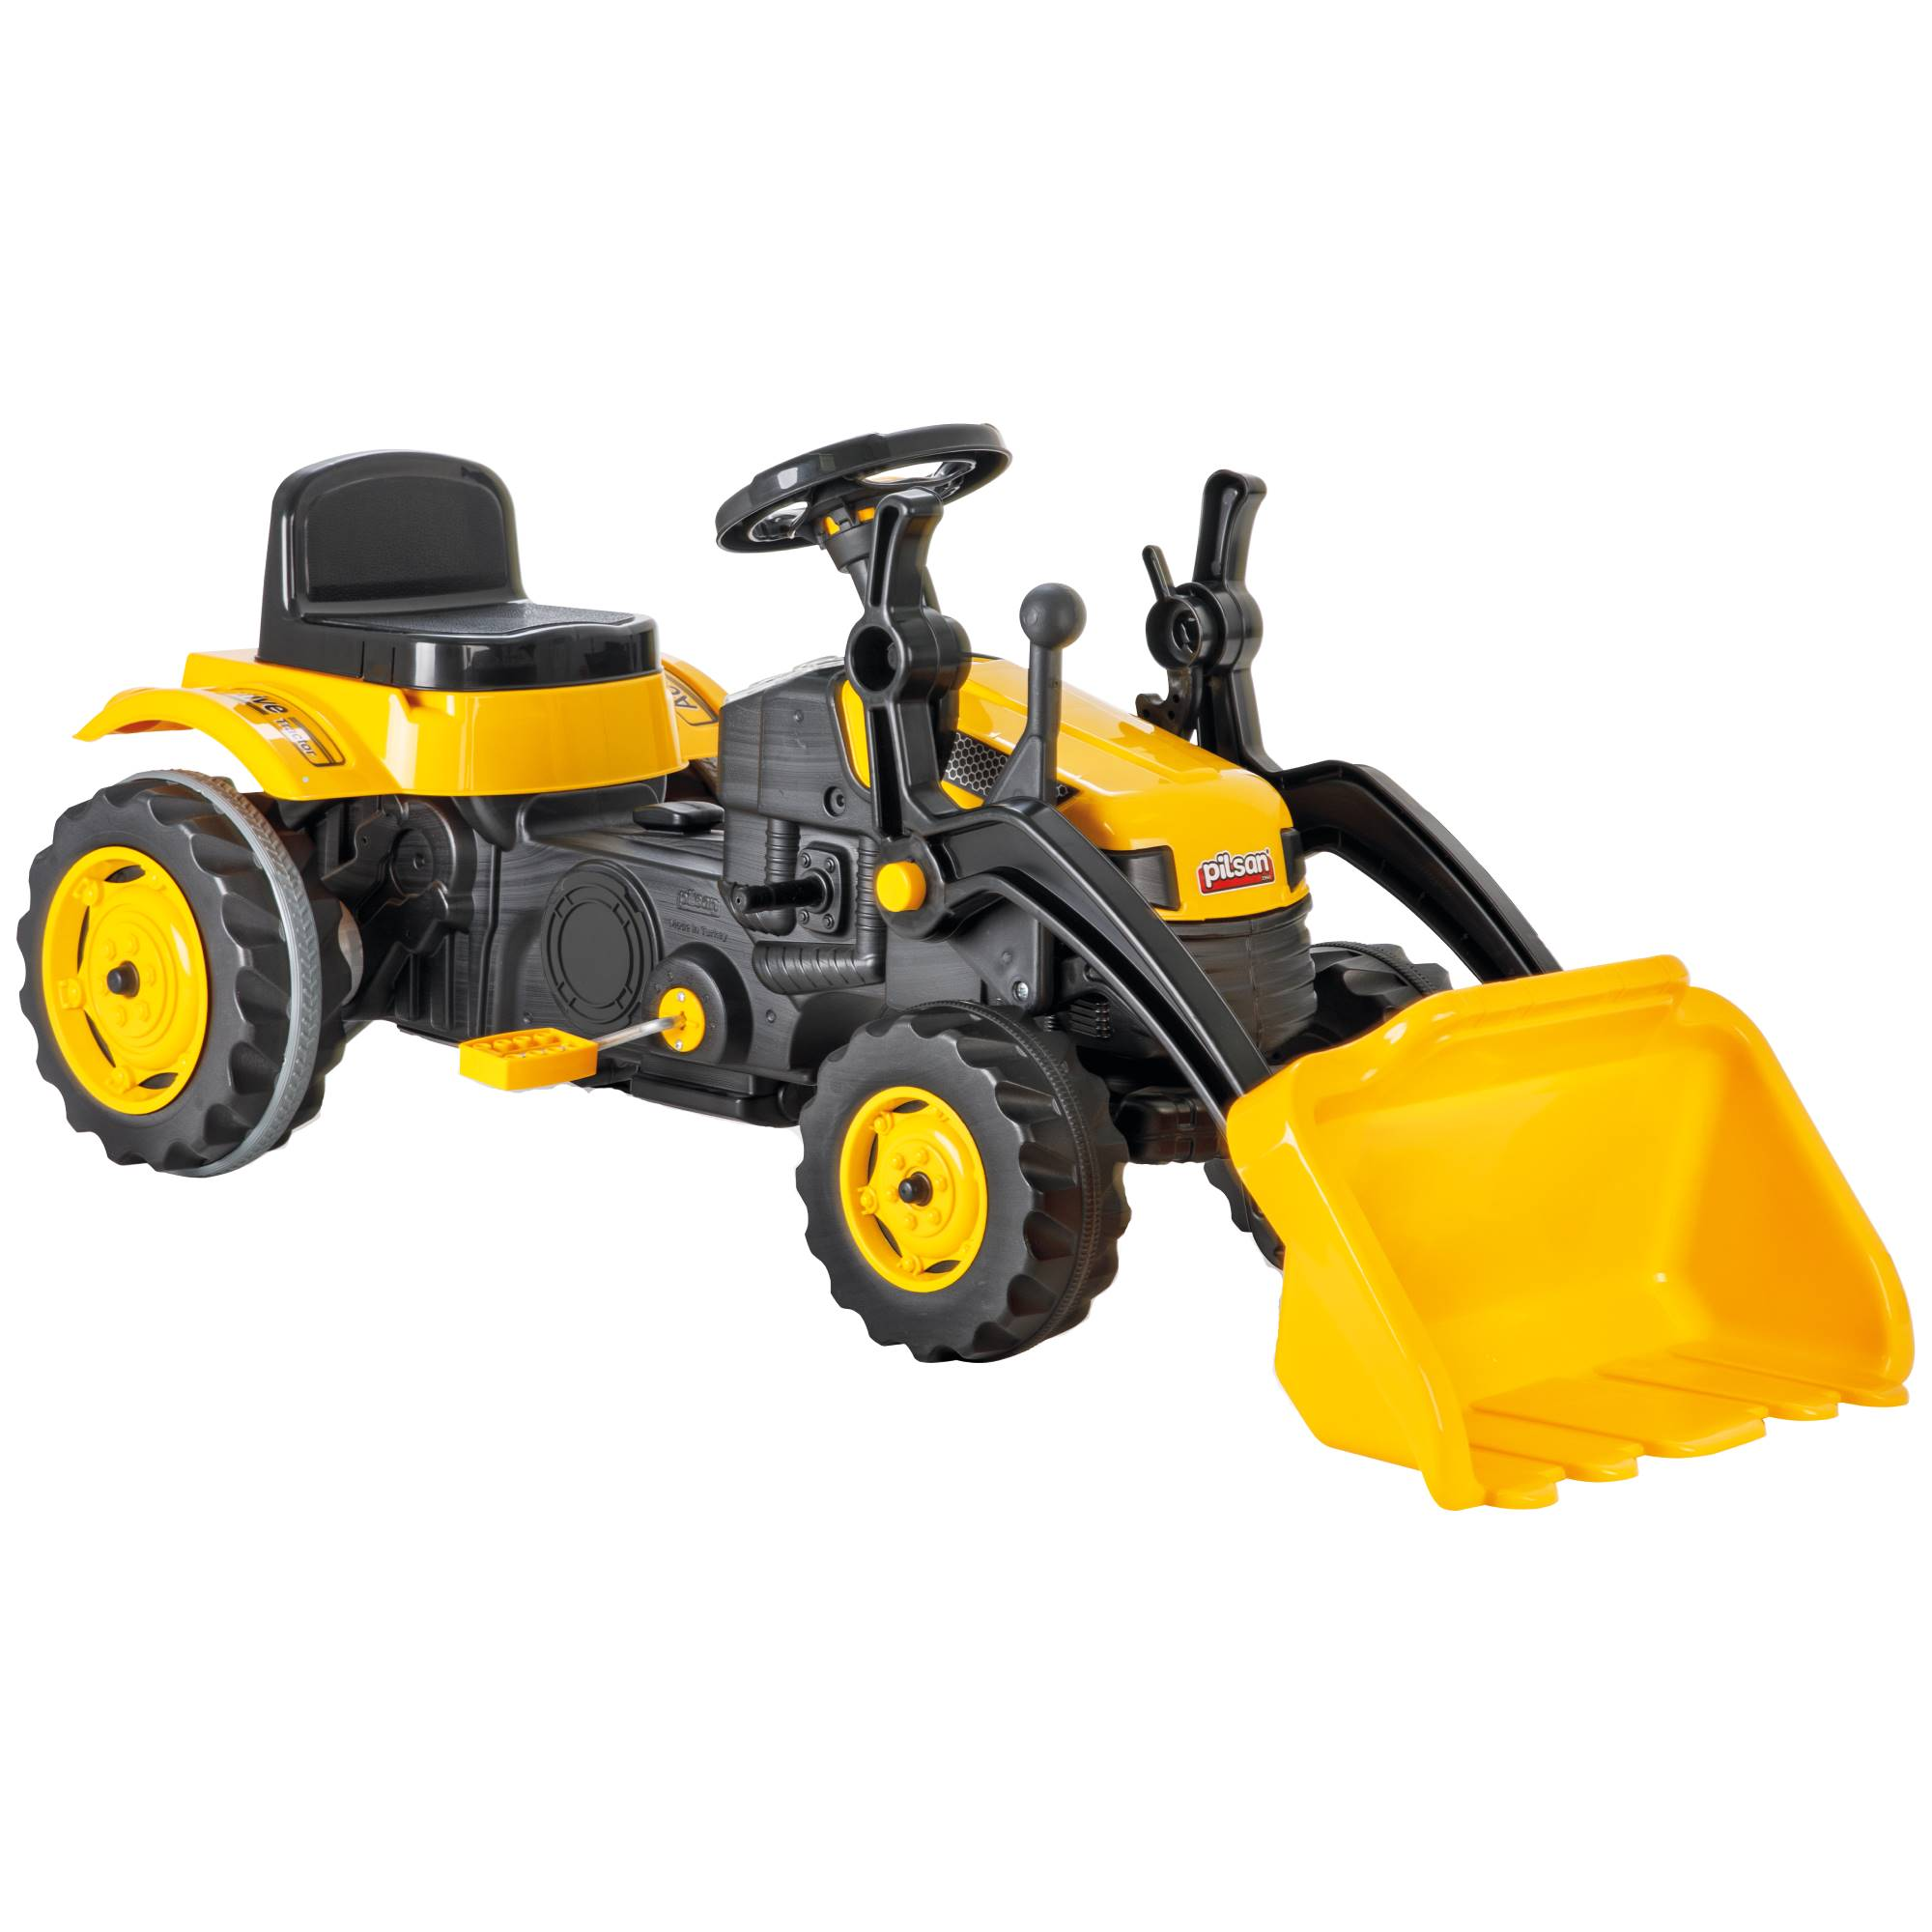 Fotografie Tractor cu pedale pentru copii Pilsan, cu cupa, galben